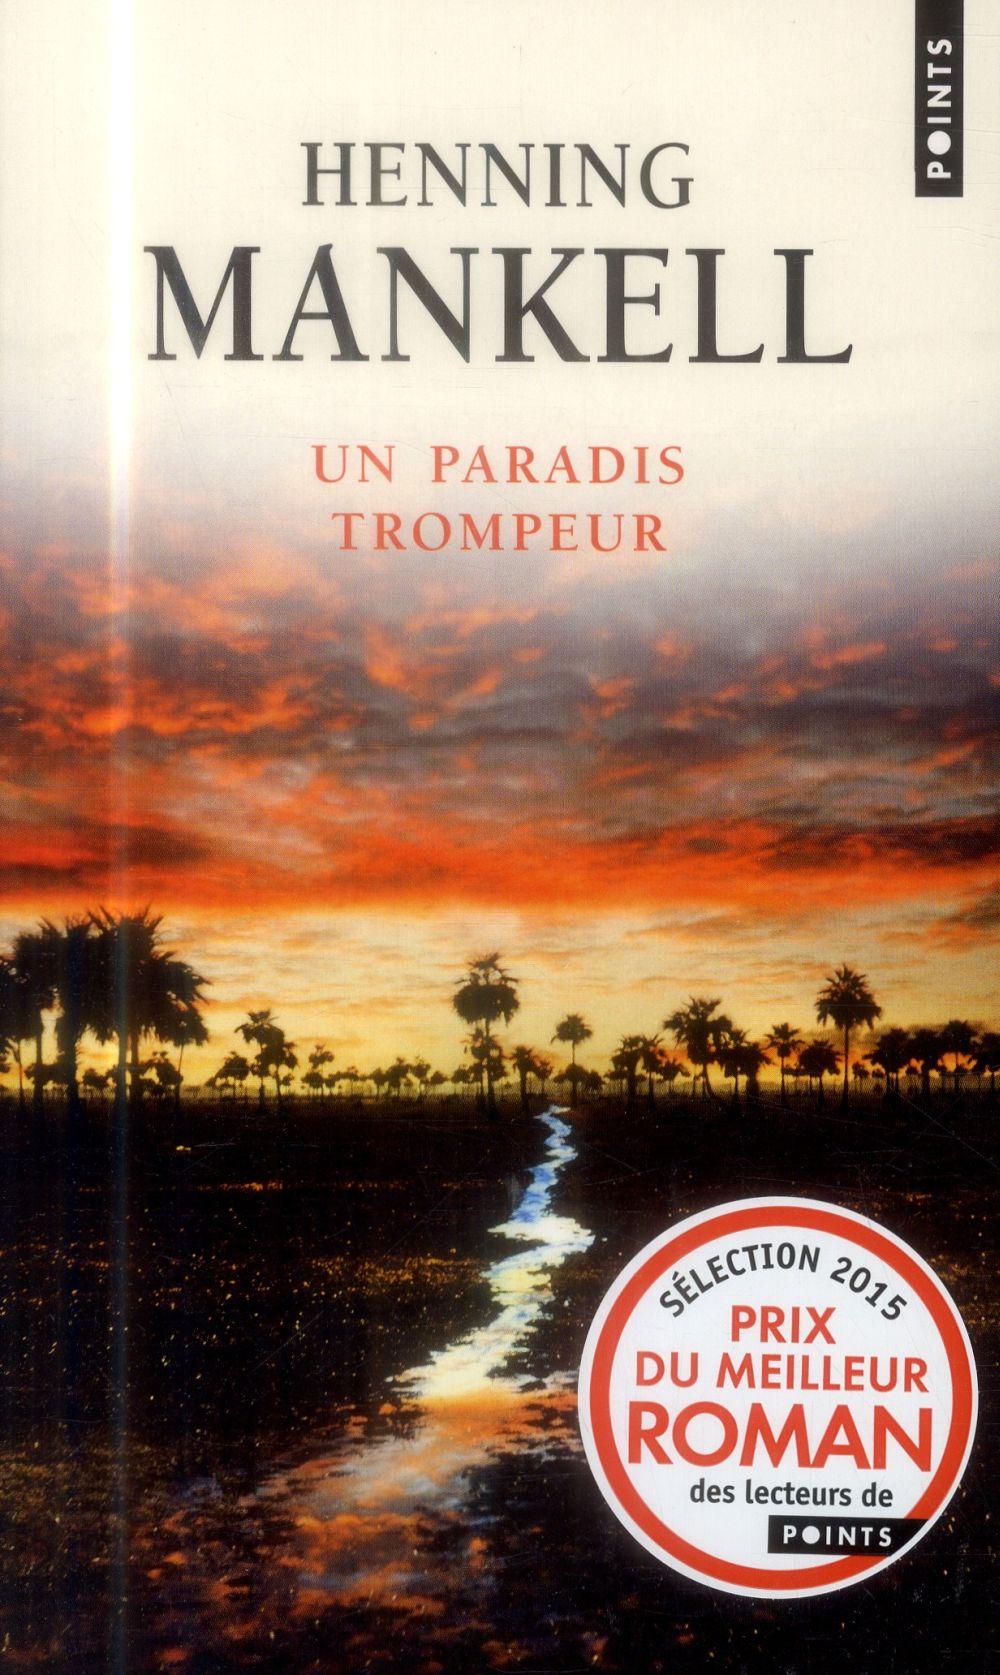 UN PARADIS TROMPEUR